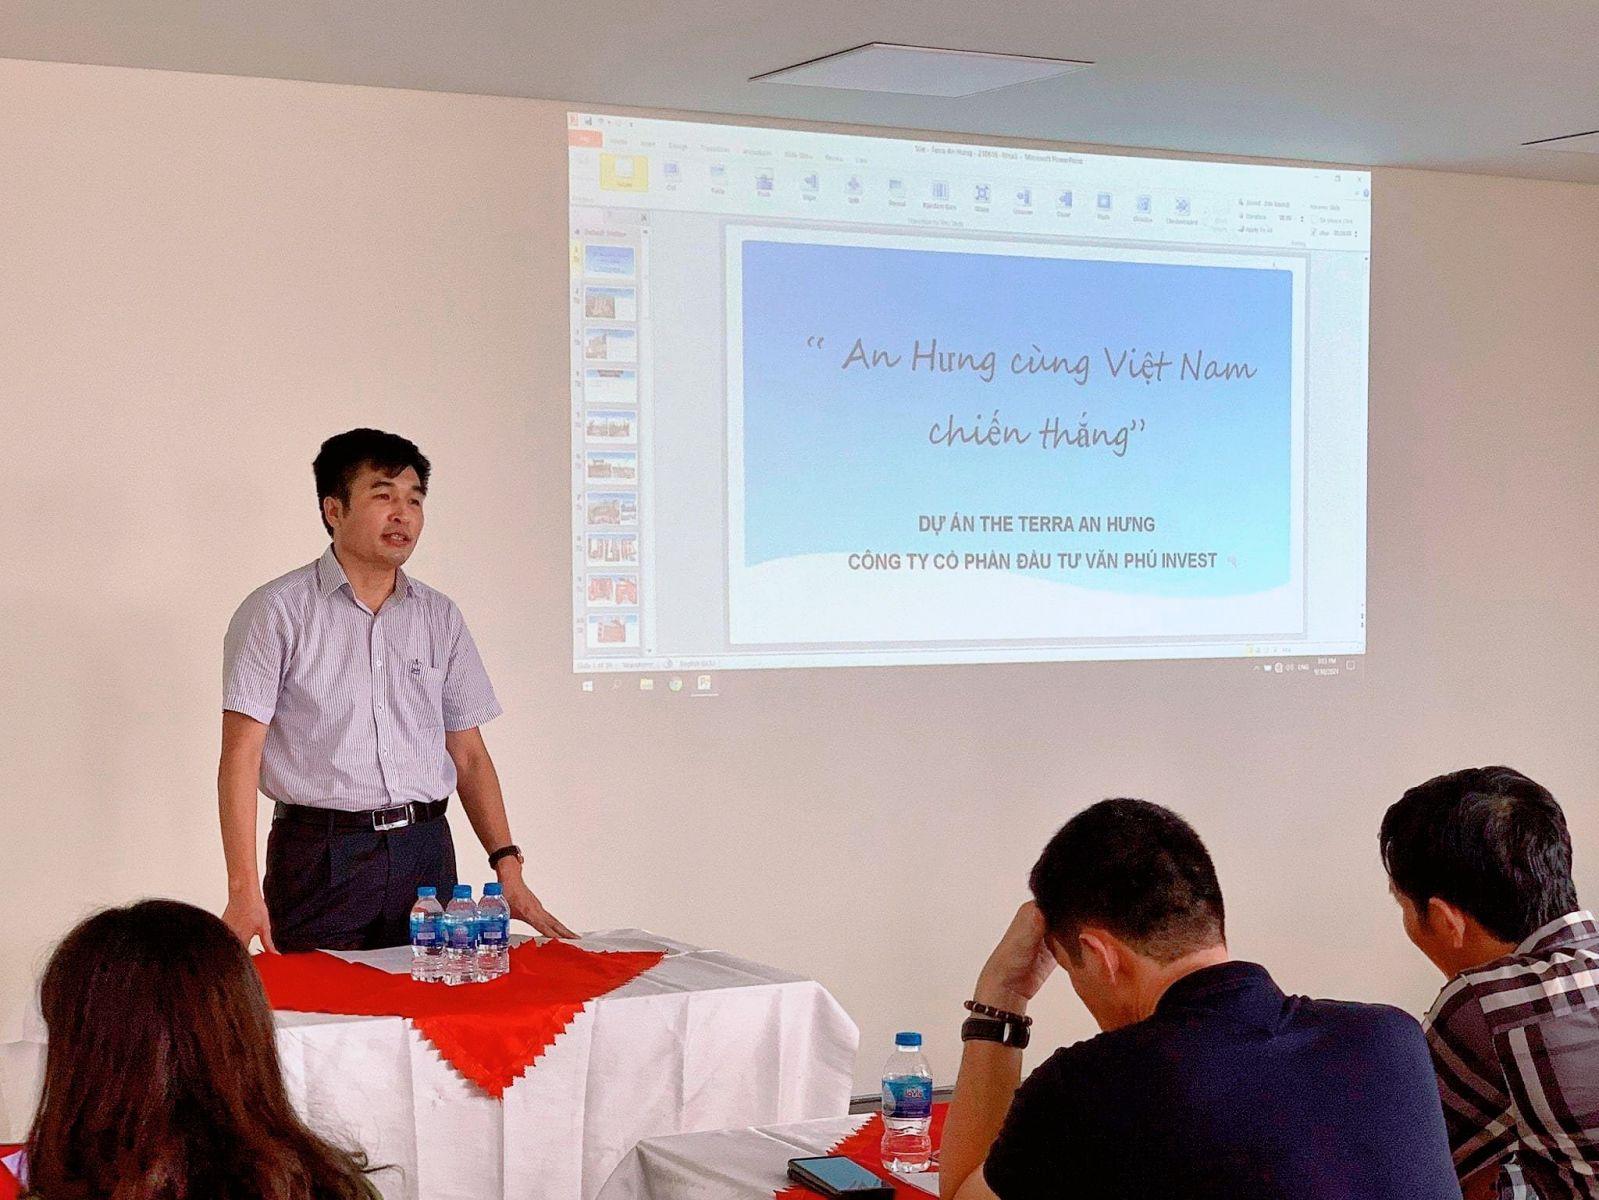 TGĐ Triệu Hữu Đại trực tiếp chia sẻ về ATLĐ&VSCT tại dự án The Terra – An Hưng